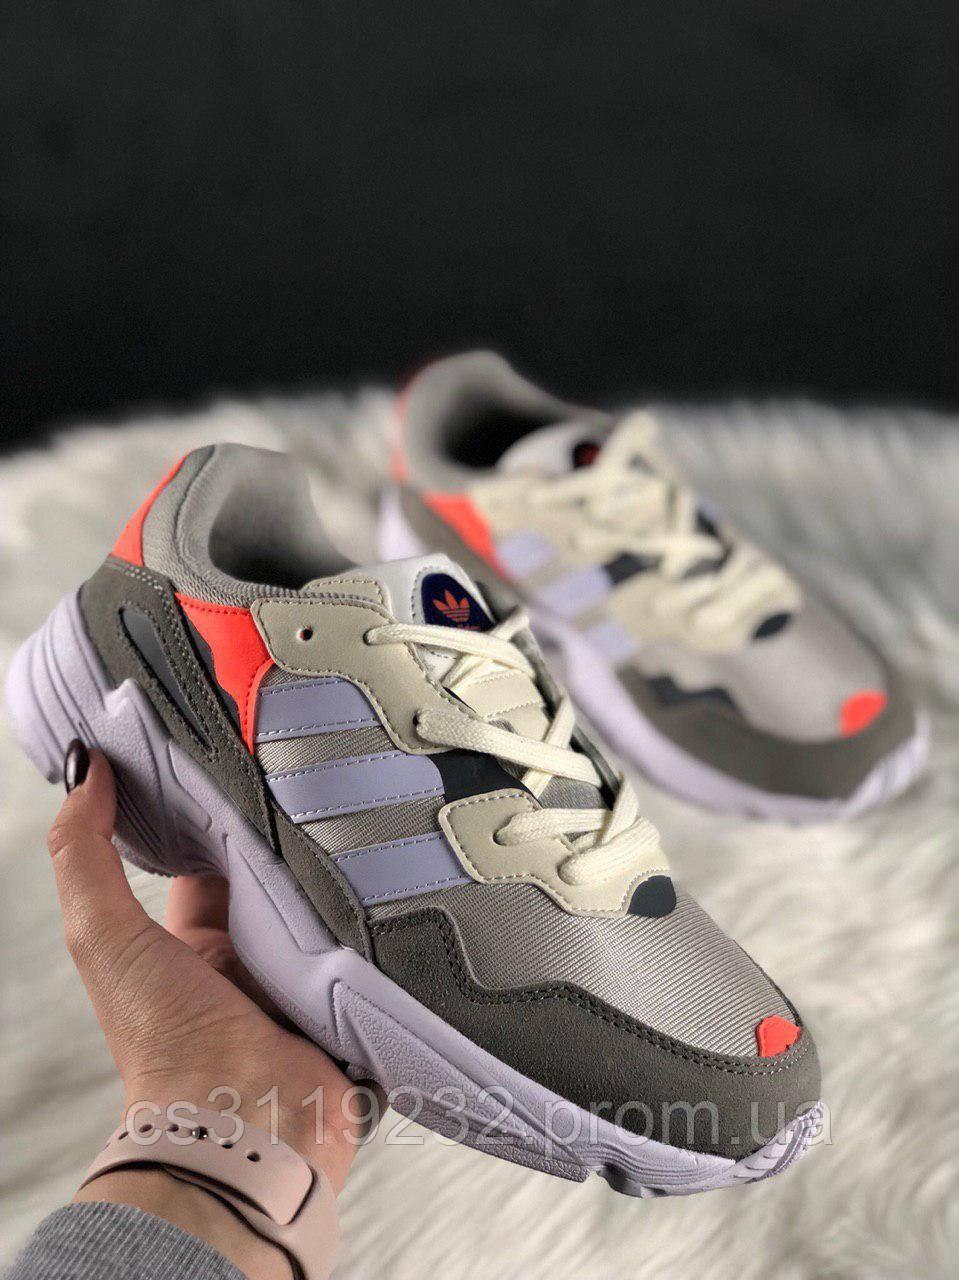 Женские кроссовки Adidas Yung 96 White Grey Orange (белый/серый/оранжевый)